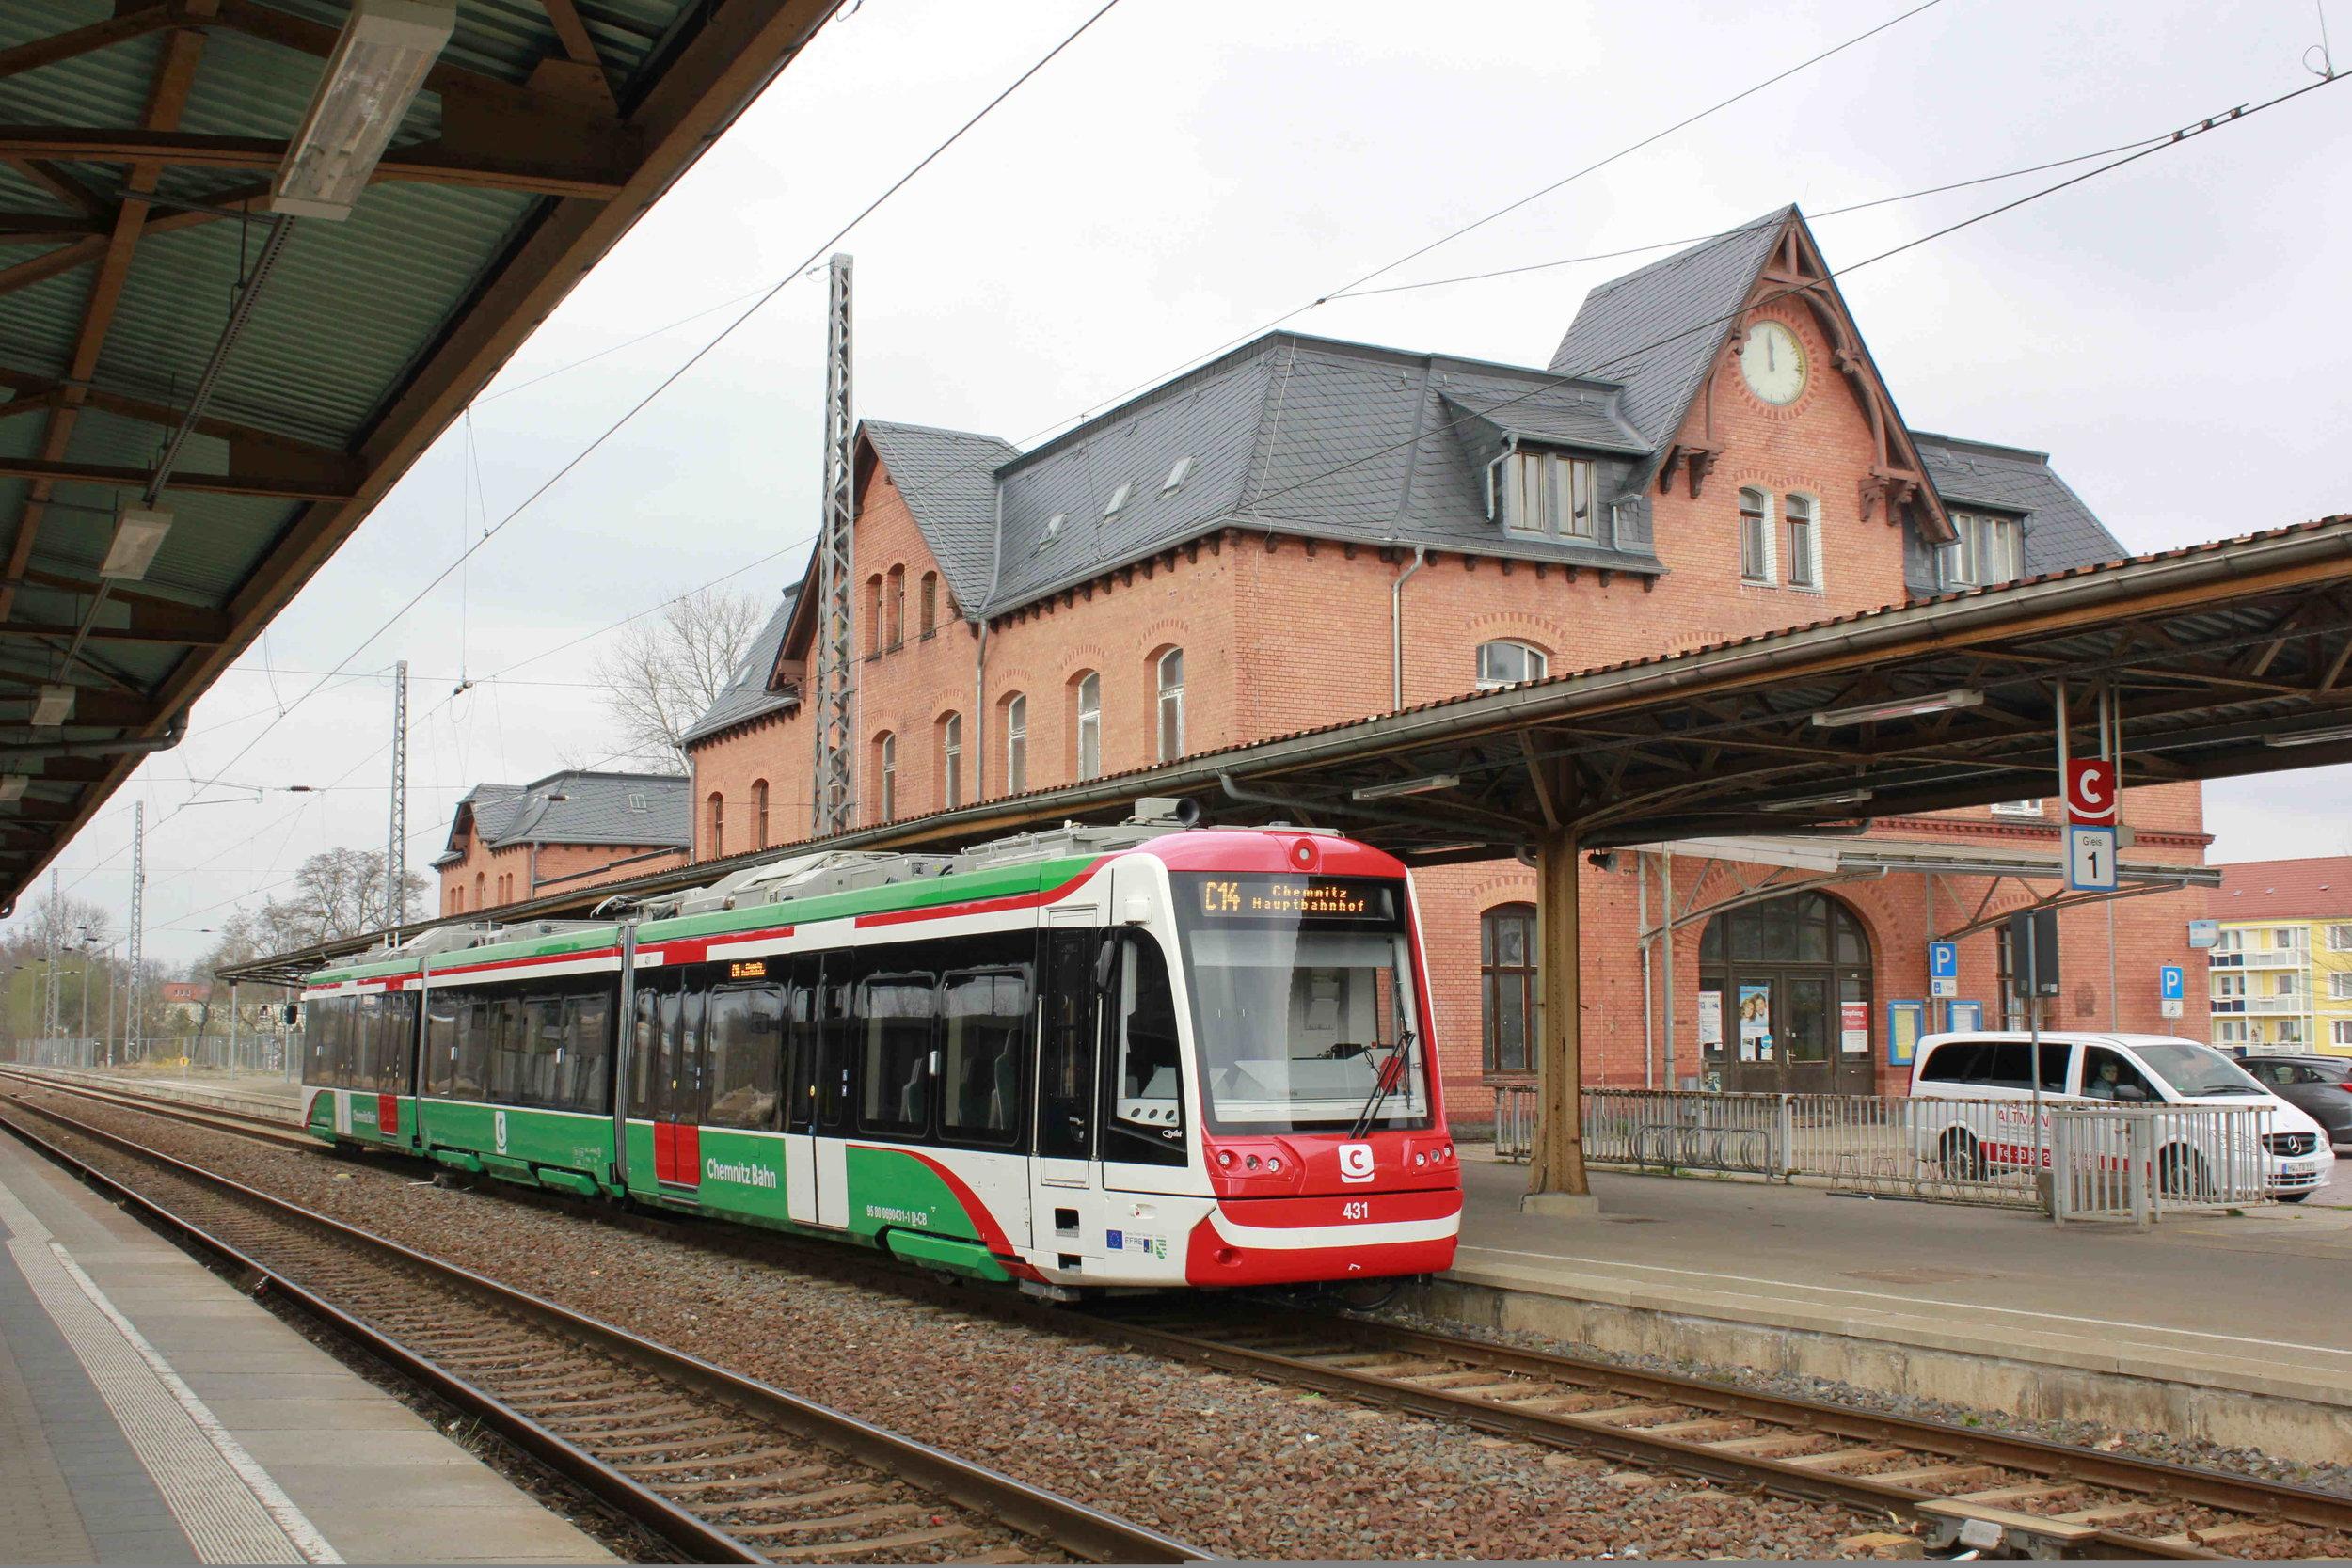 Stadler Citylink během zkoušek v okolí Chemnitz. Všimněte si různé úrovně nástupní výšky dveří, která zaručuje, že je na železničních i tramvajových nástupištích zajištěn vždy u dvojice vstupů bezbariérový přístup. (zdroj: Wikipedia.org)